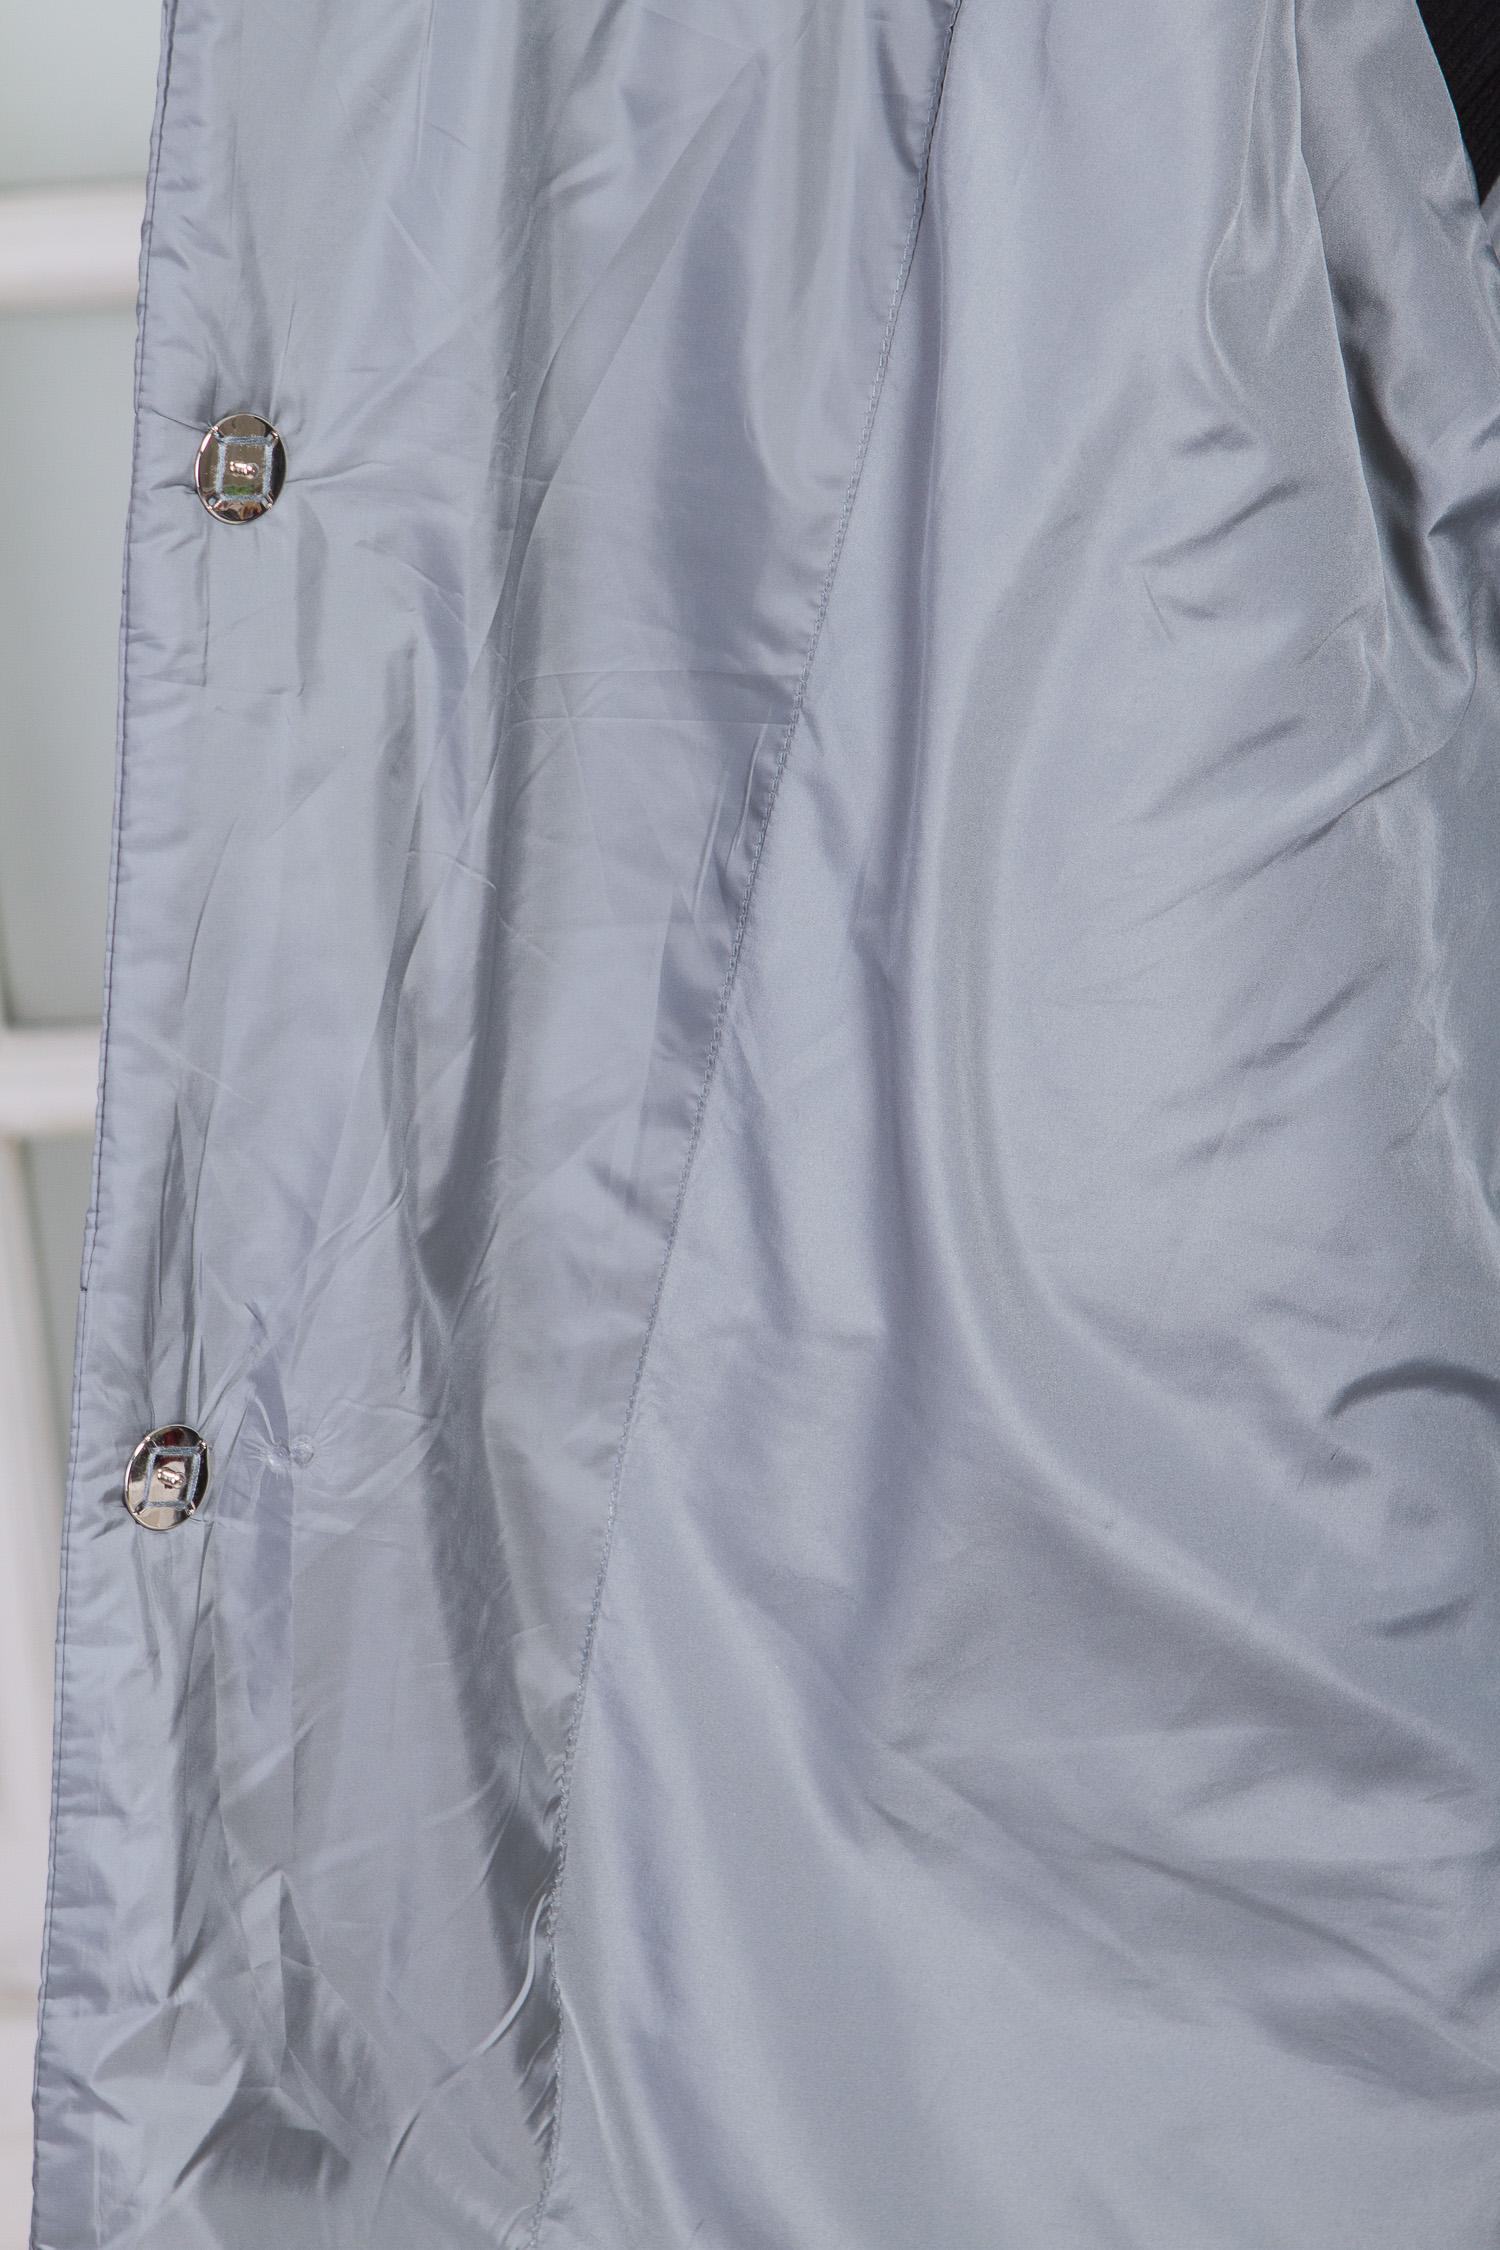 Куртка женская из текстиля с воротником, без отделки, , Полупальто